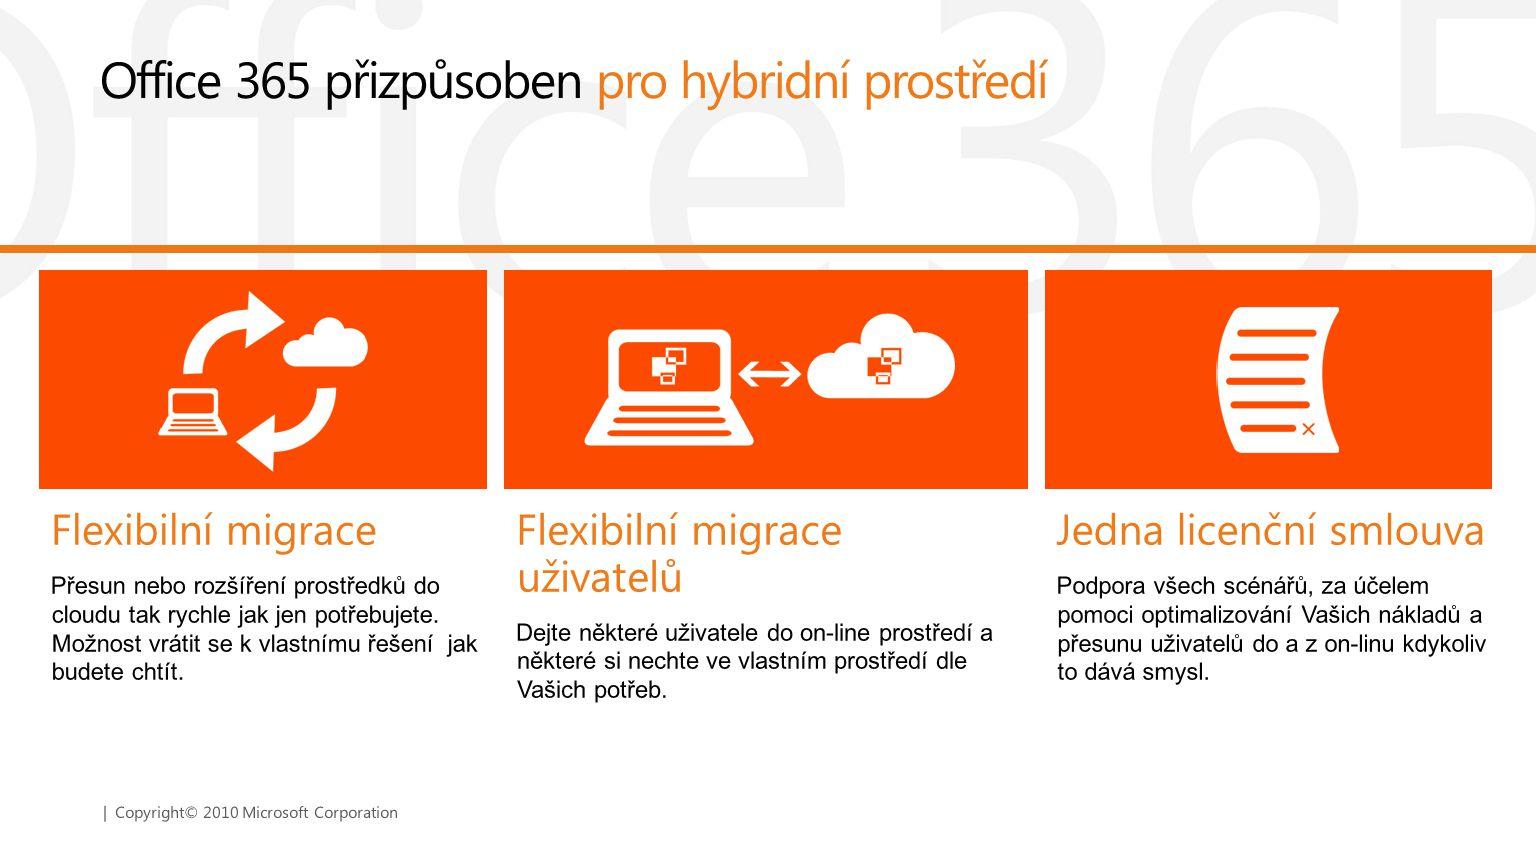 Office 365 přizpůsoben pro hybridní prostředí